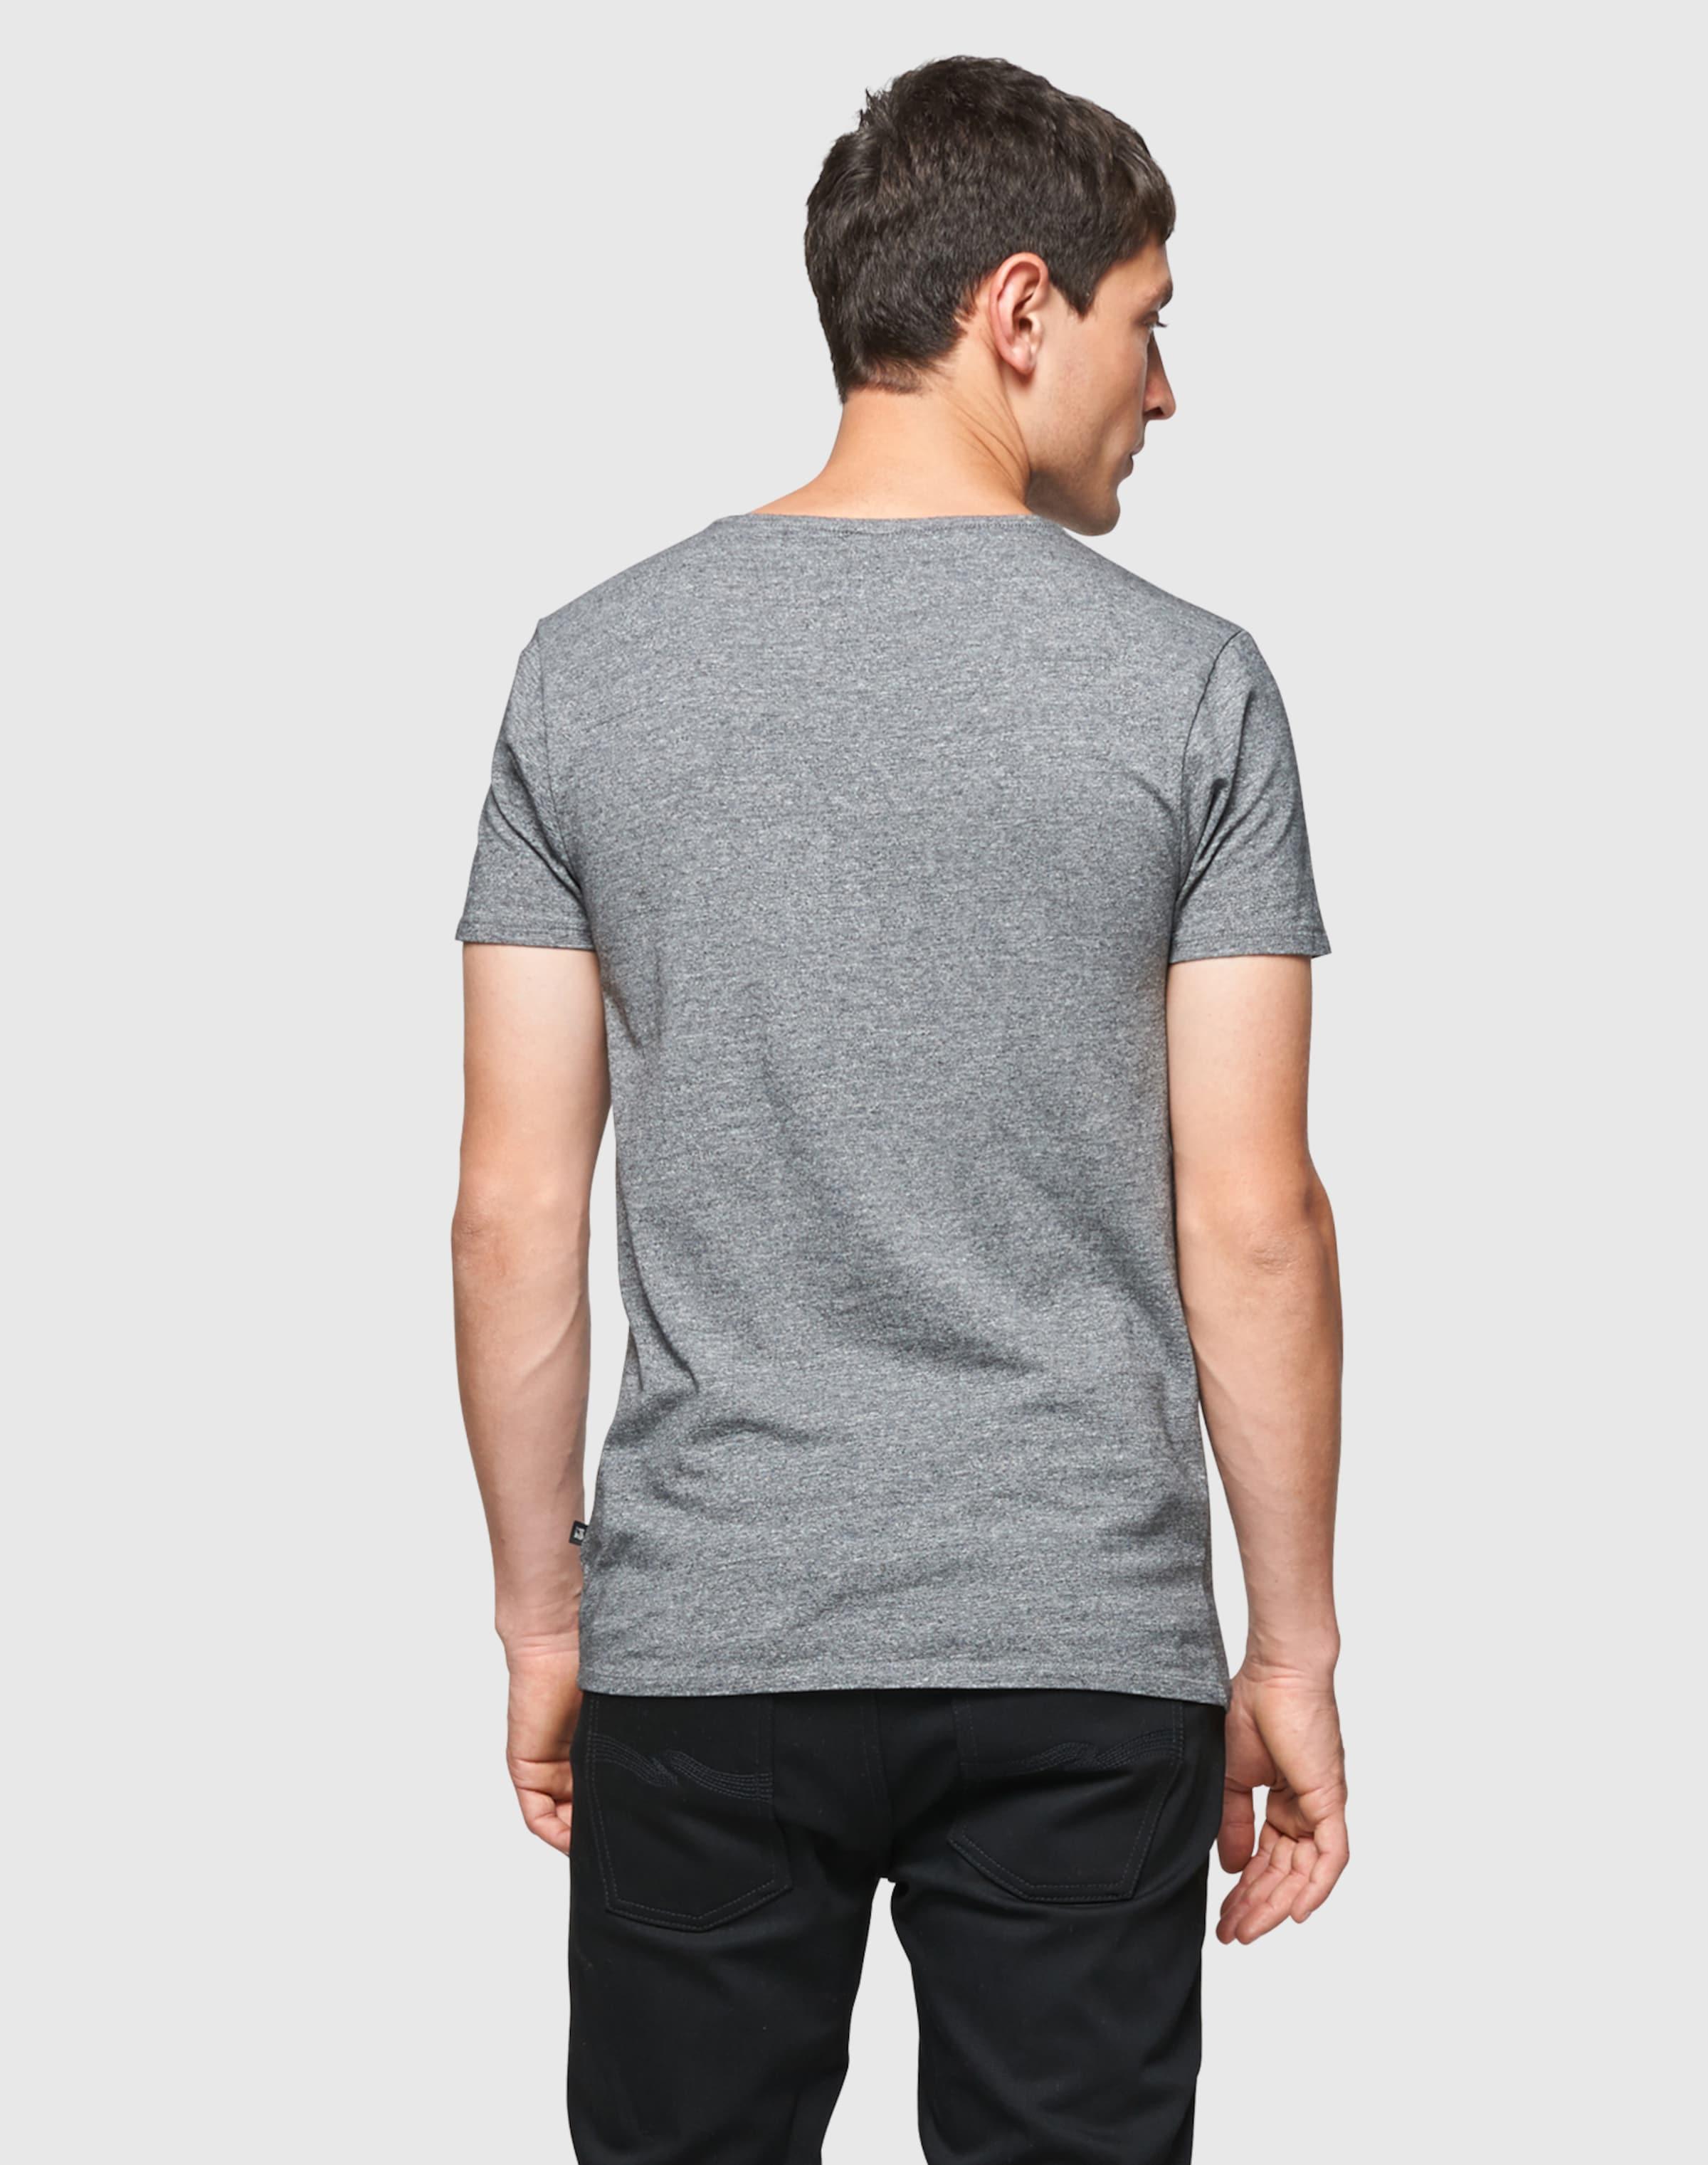 SCOTCH & SODA T-Shirt Niedrige Versandgebühr Günstiger Preis Reduzierter Preis Freies Verschiffen Finden Große Ja Wirklich dWgRt